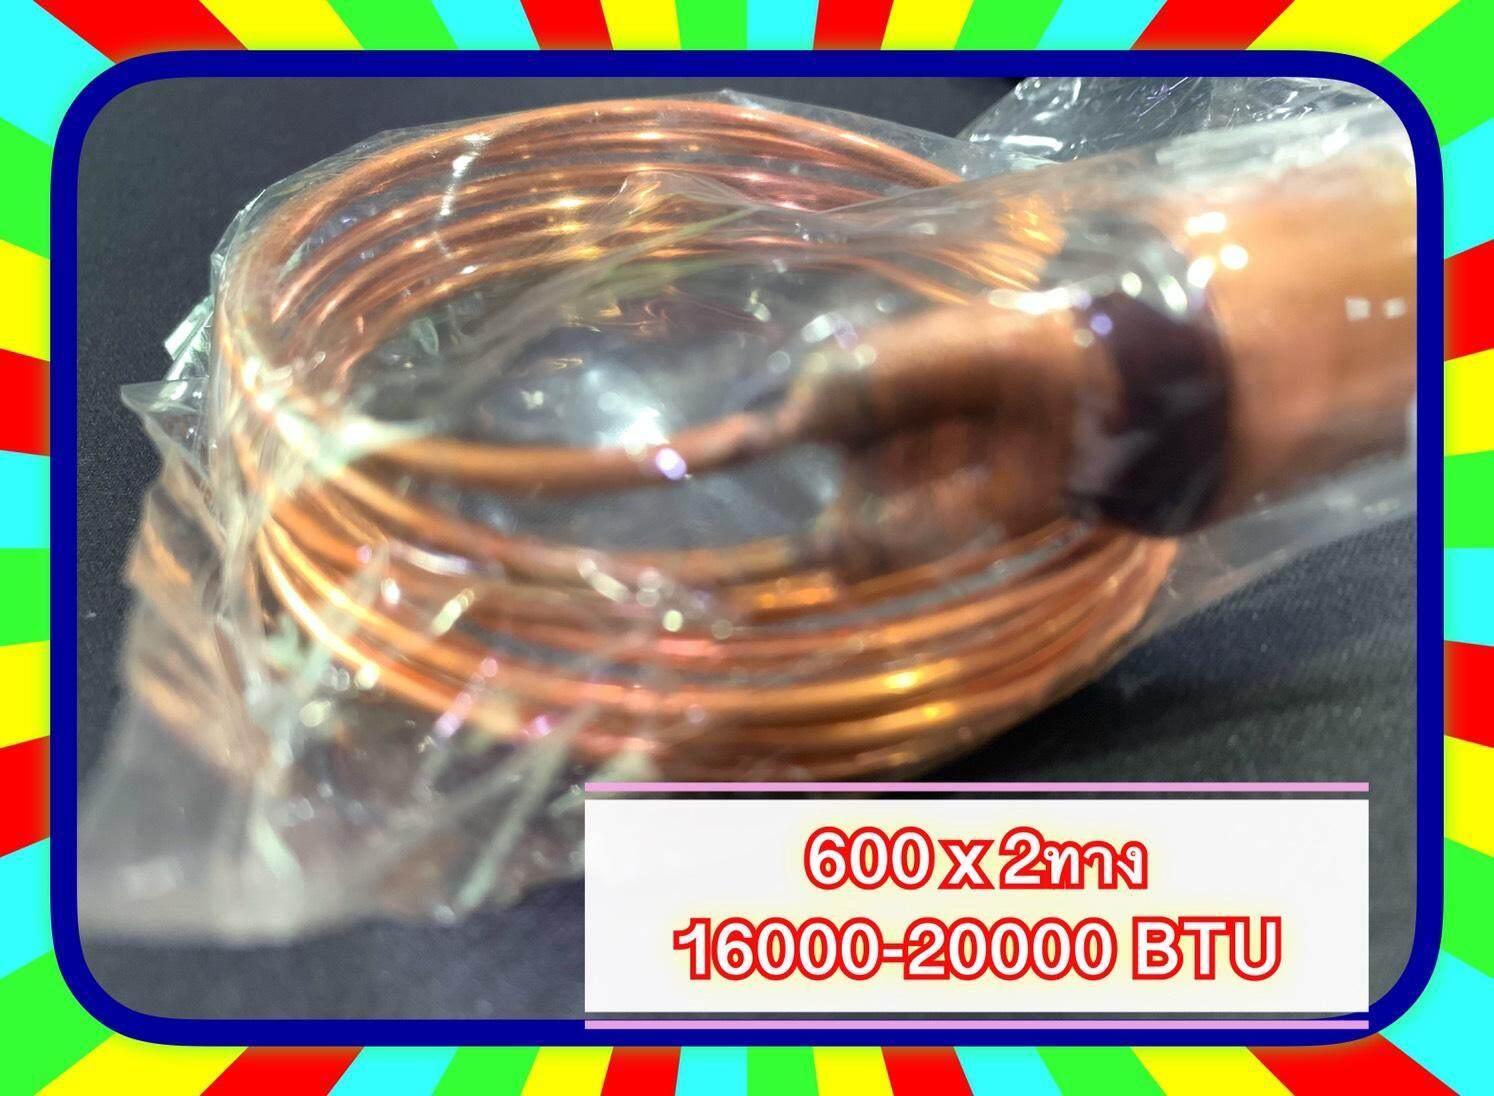 แคปทิ้ว ทองแดง เบอร์ 600 X 2 ทาง Capillary Tube เหมาะกับแอร์ขนาด 16000-20000 Btu.